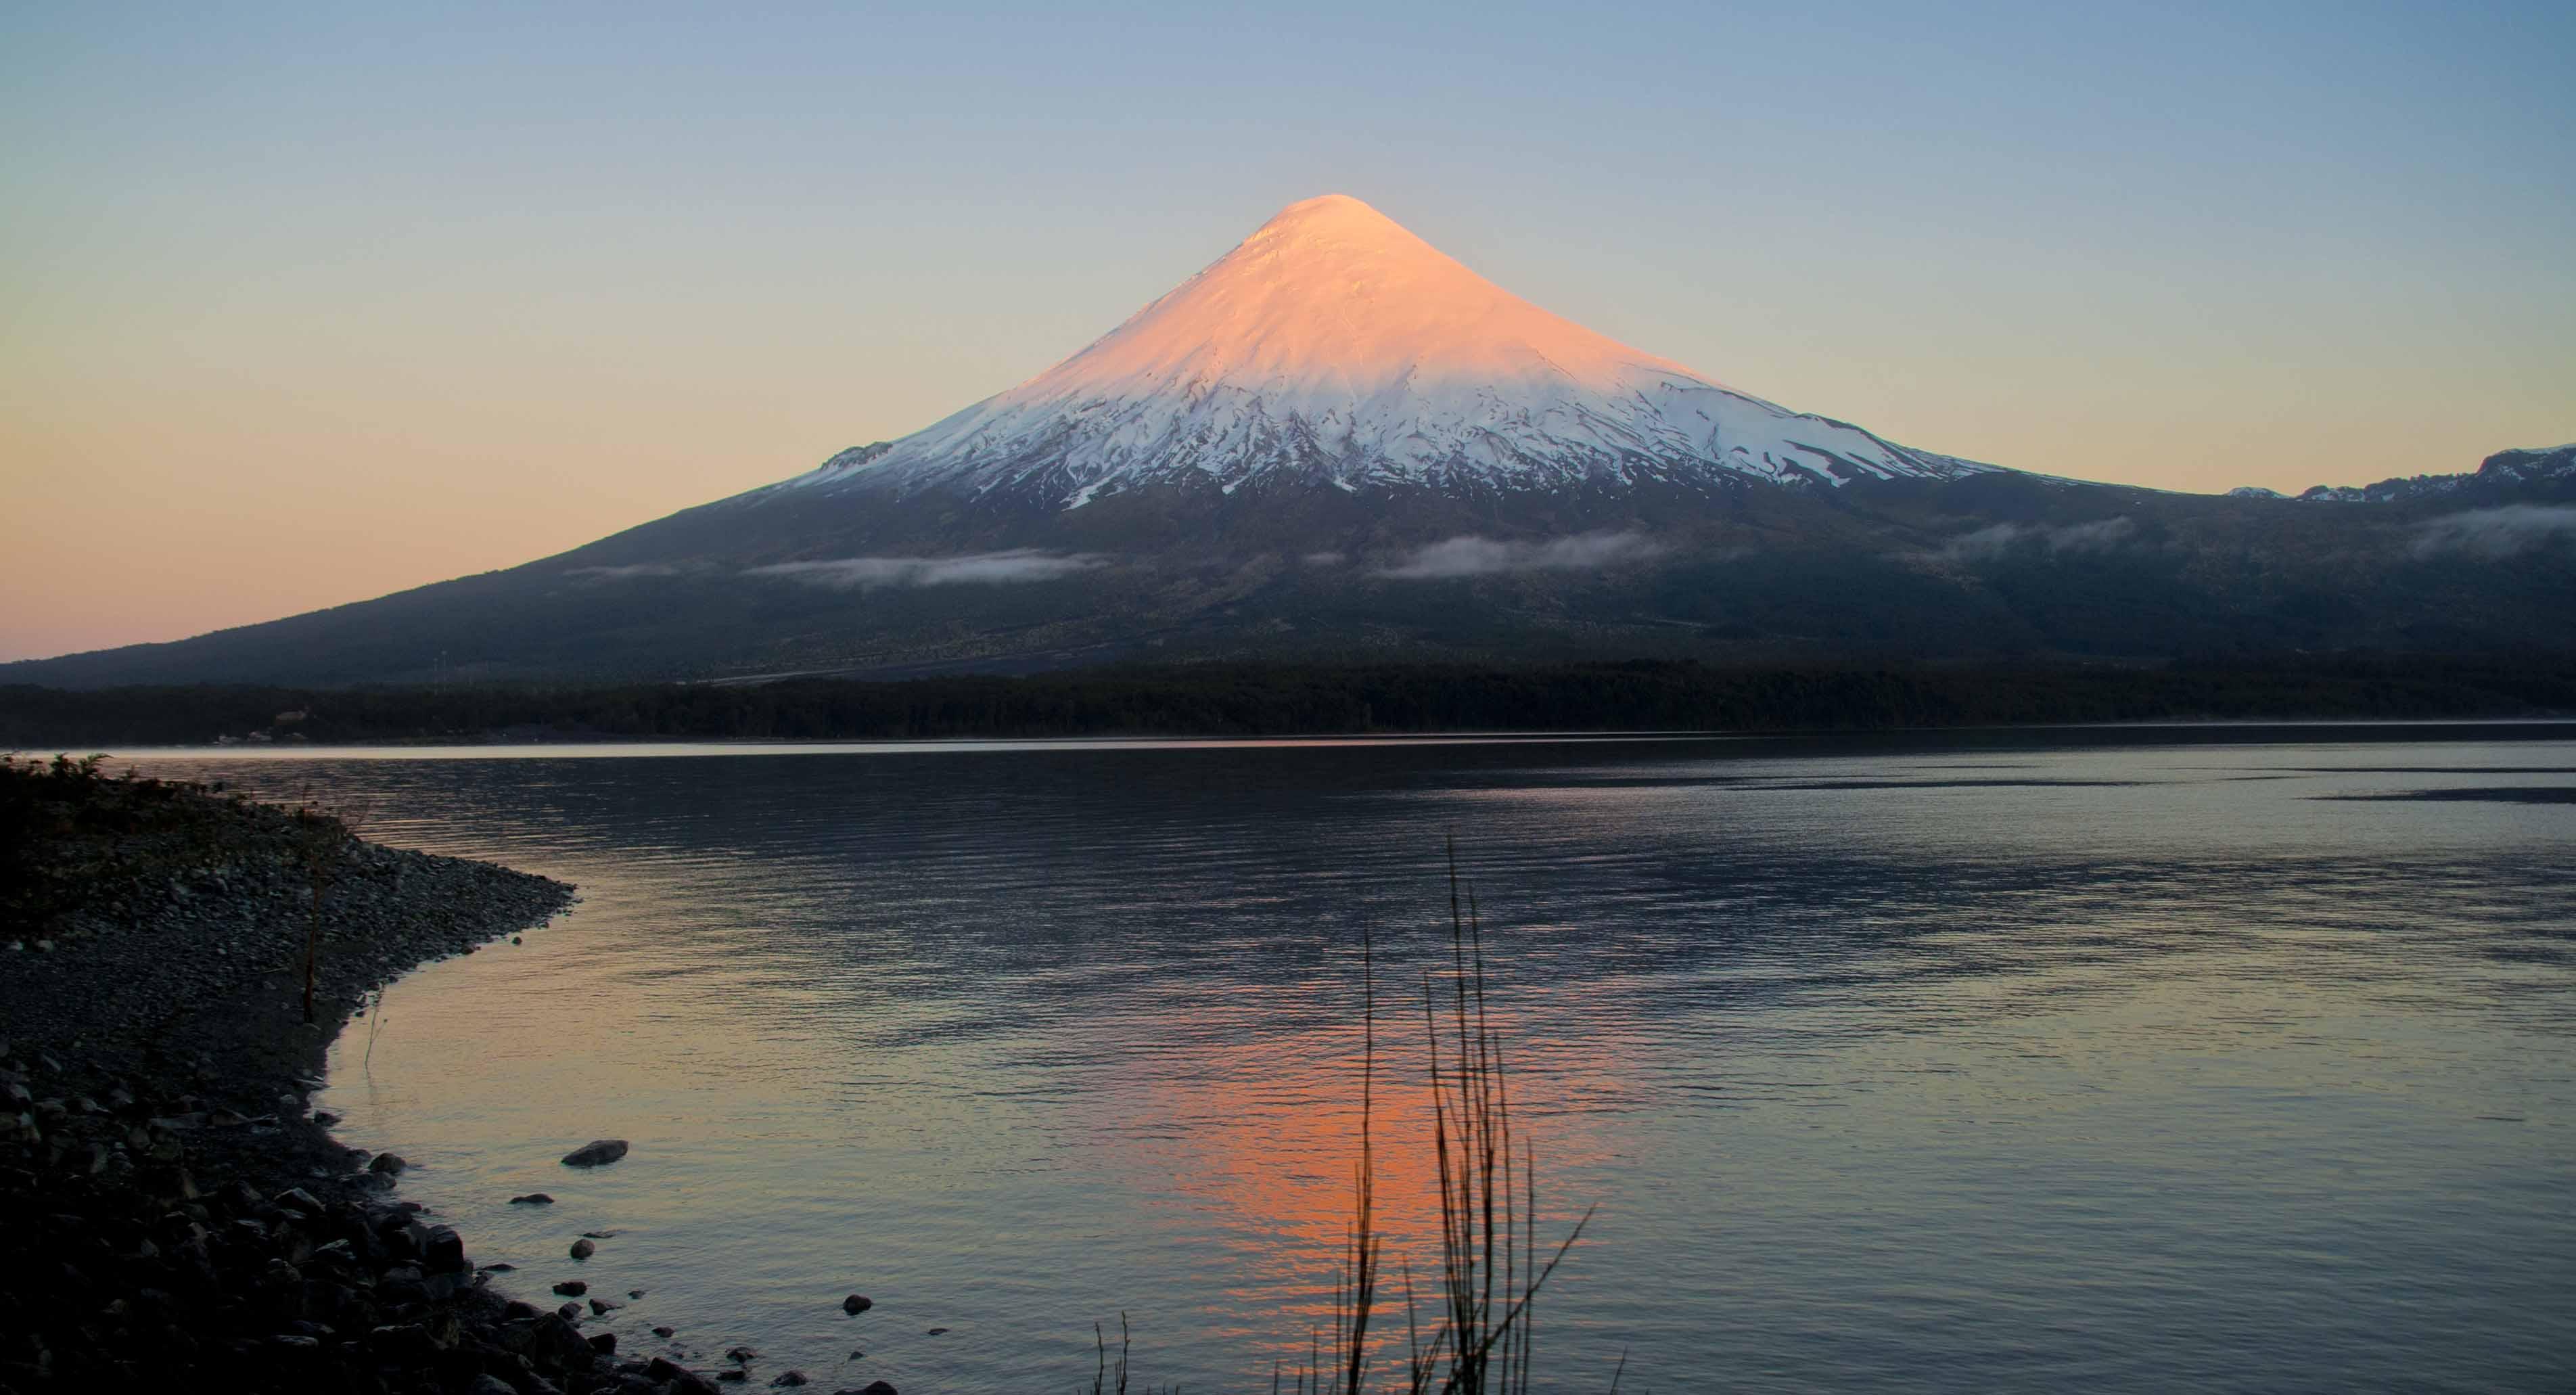 11 Decembre 2018. FR. Chili : Osorno , Pérou : Sabancaya , Kamchatka : Ebeko , France / Guadeloupe : La Soufrière , Mexique : Popocatepetl .